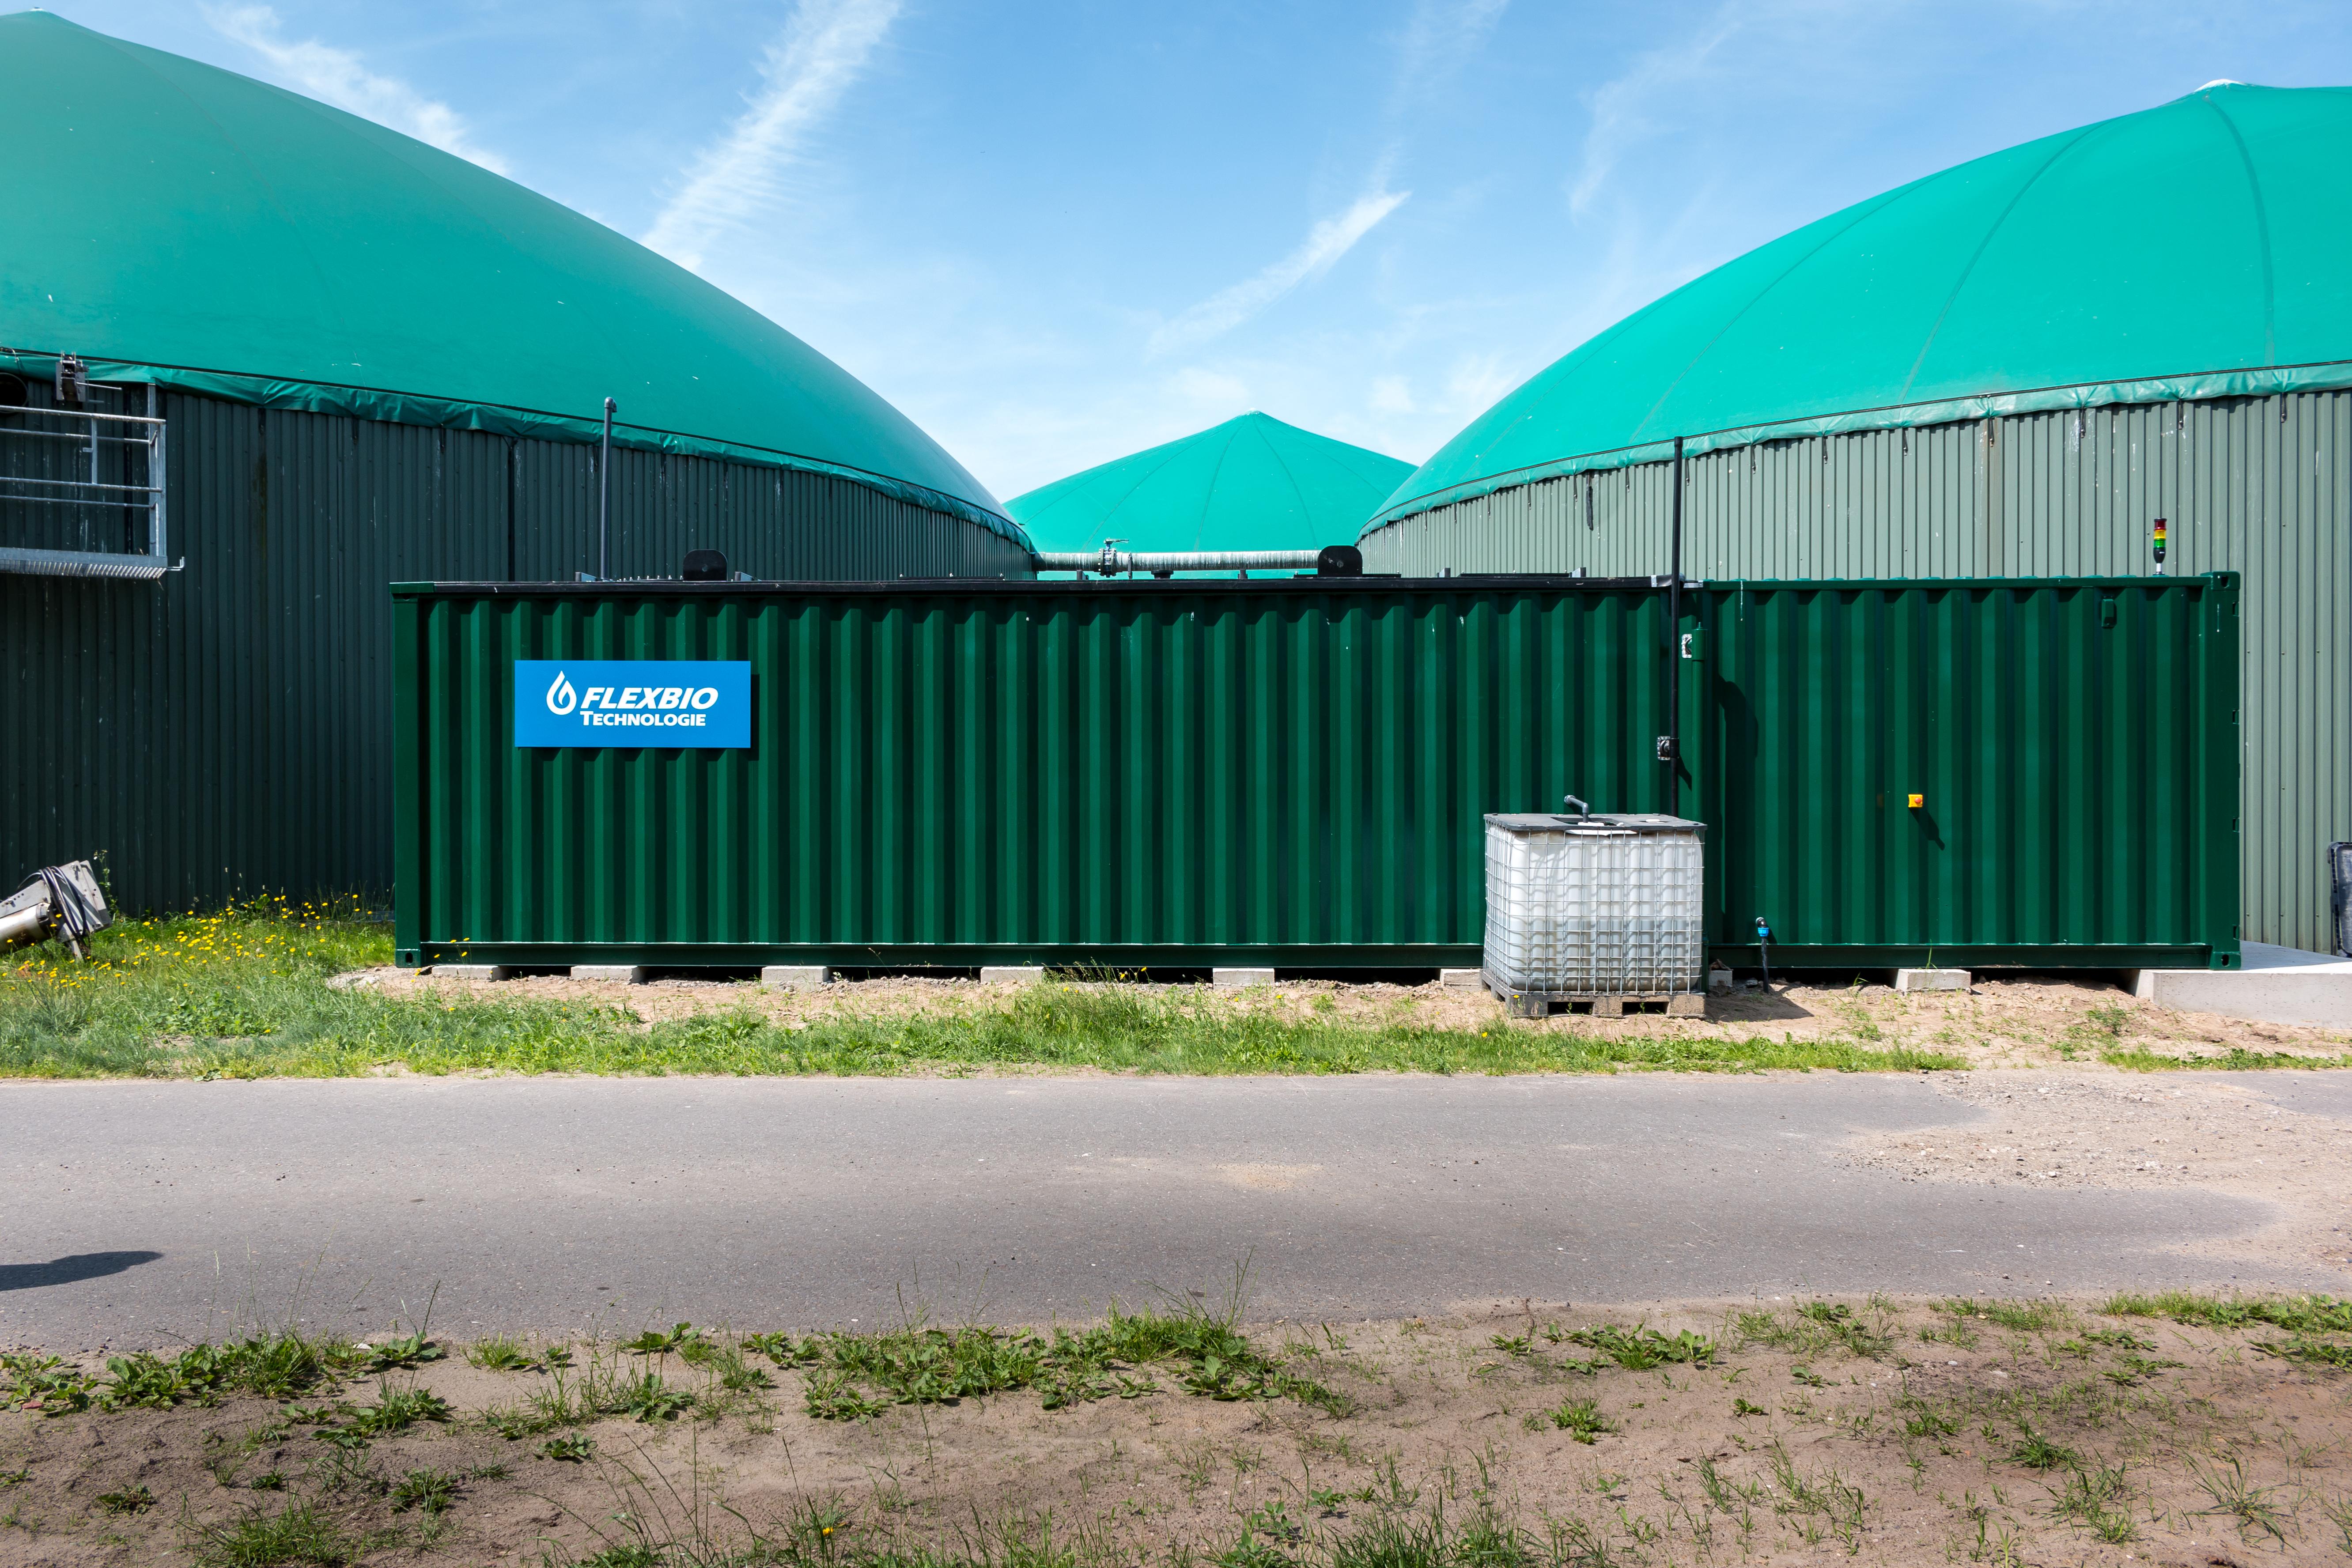 FlexBio Container